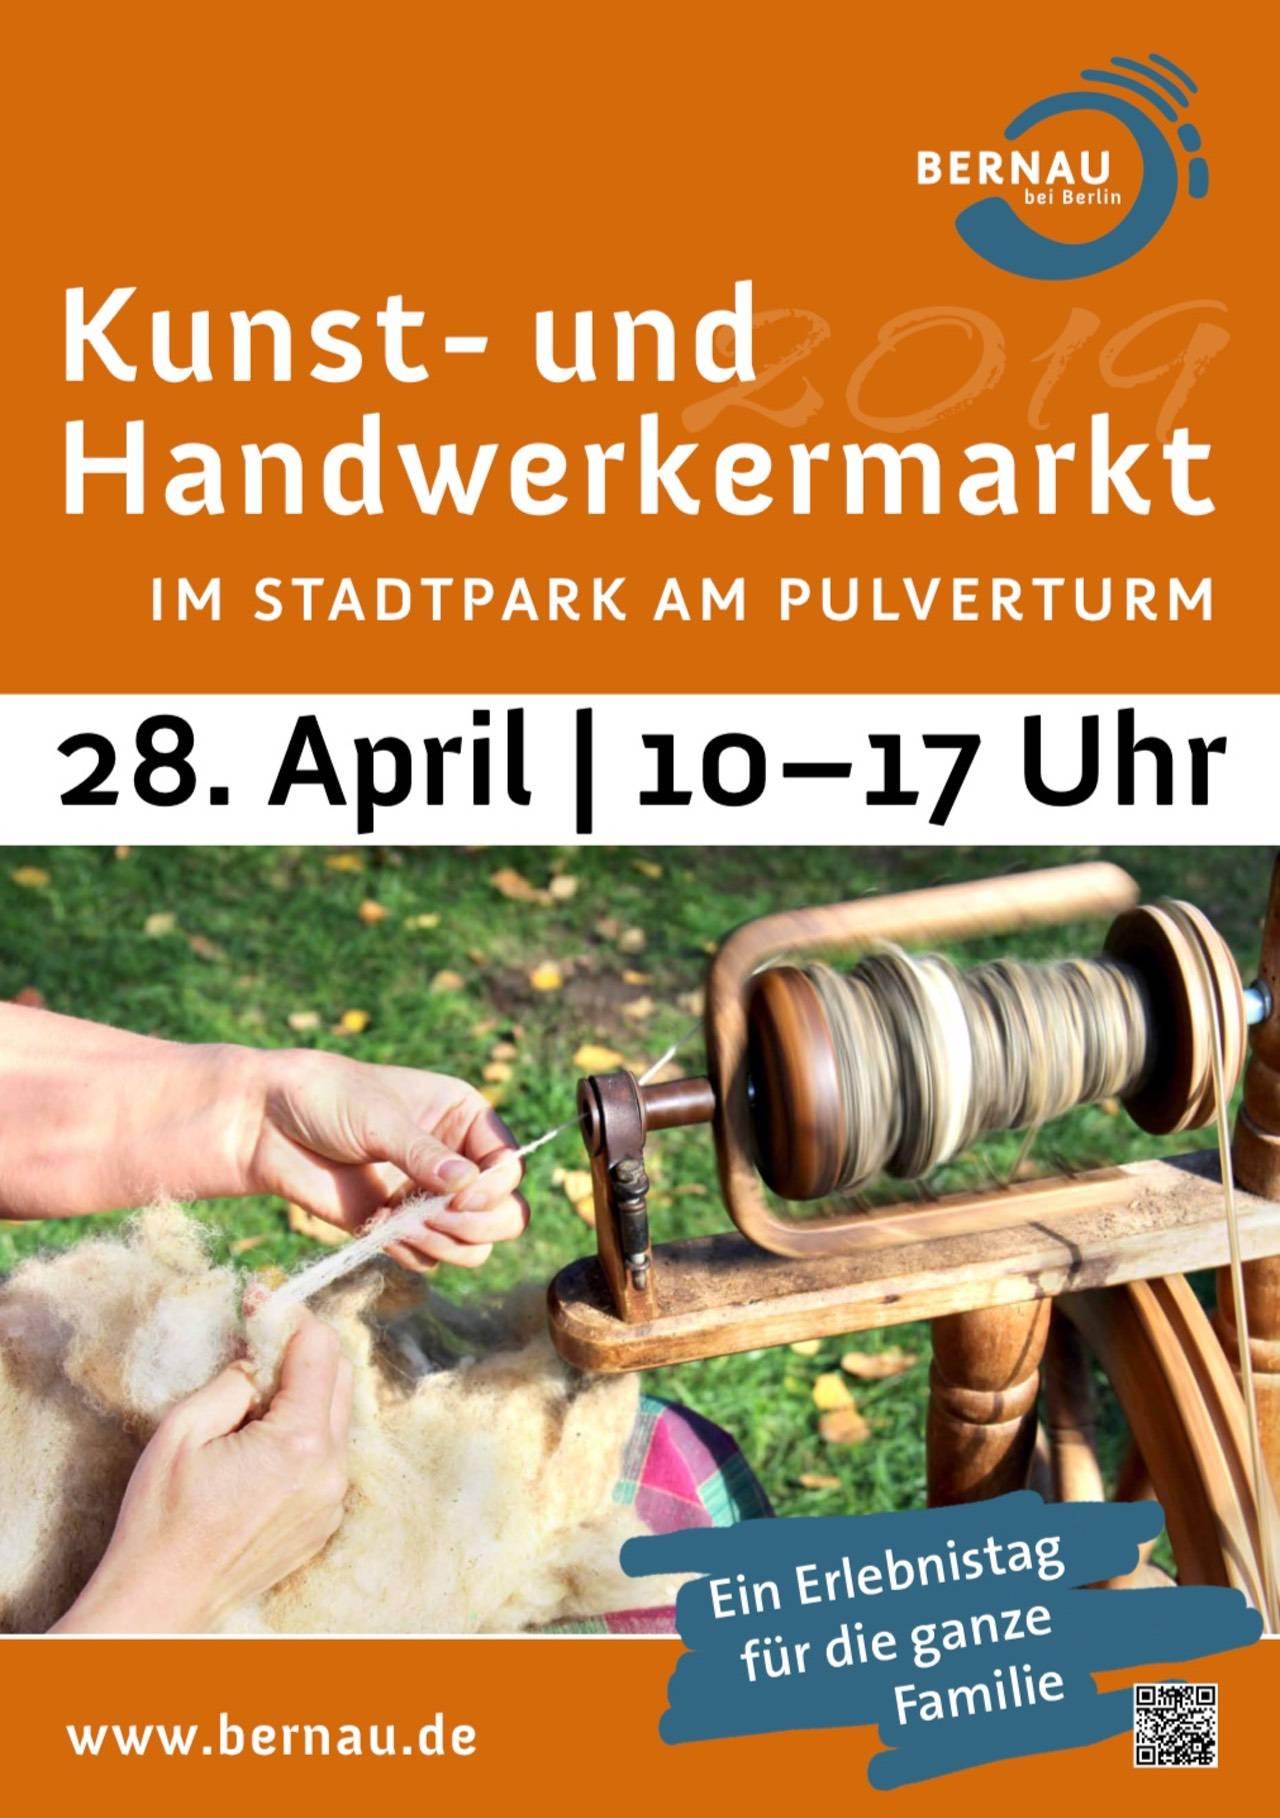 Kunst- und Handwerkermarkt Bernau